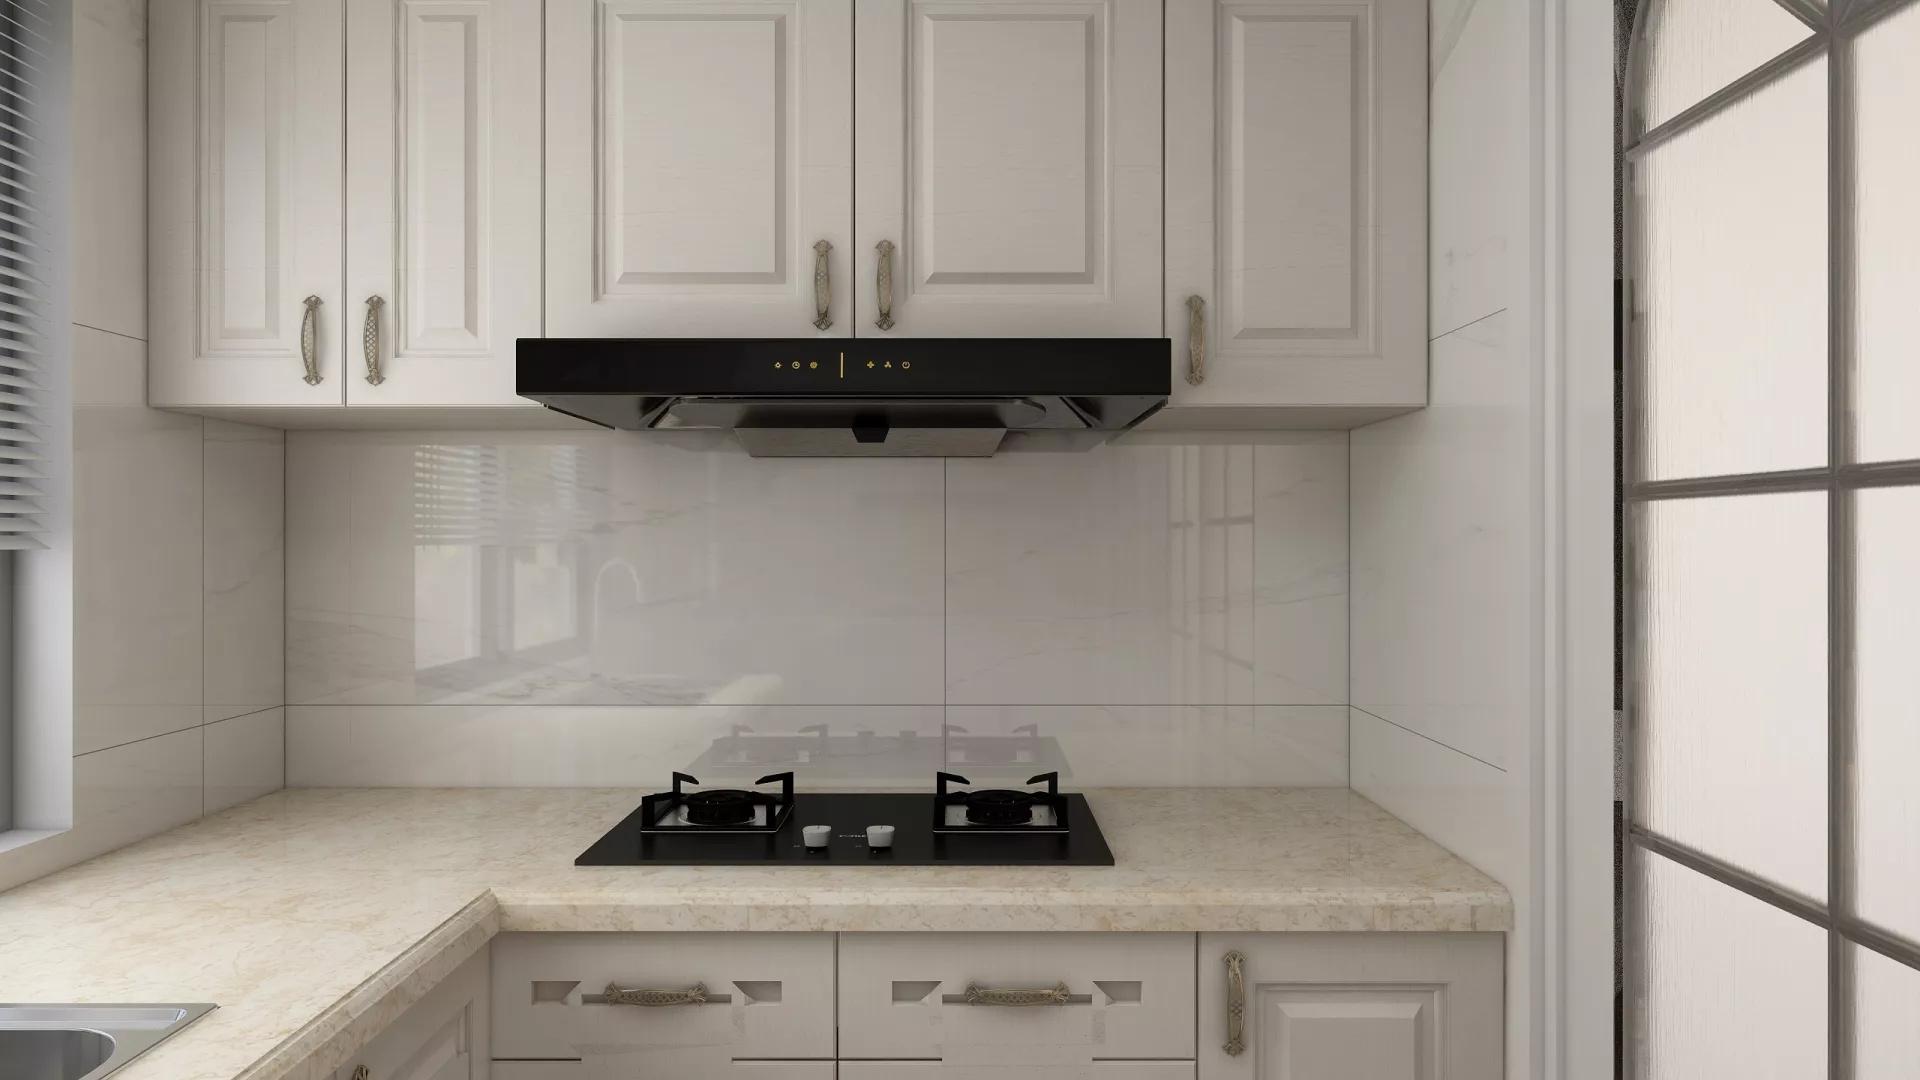 家庭装修风格分类有哪些 家庭装修风格的特点